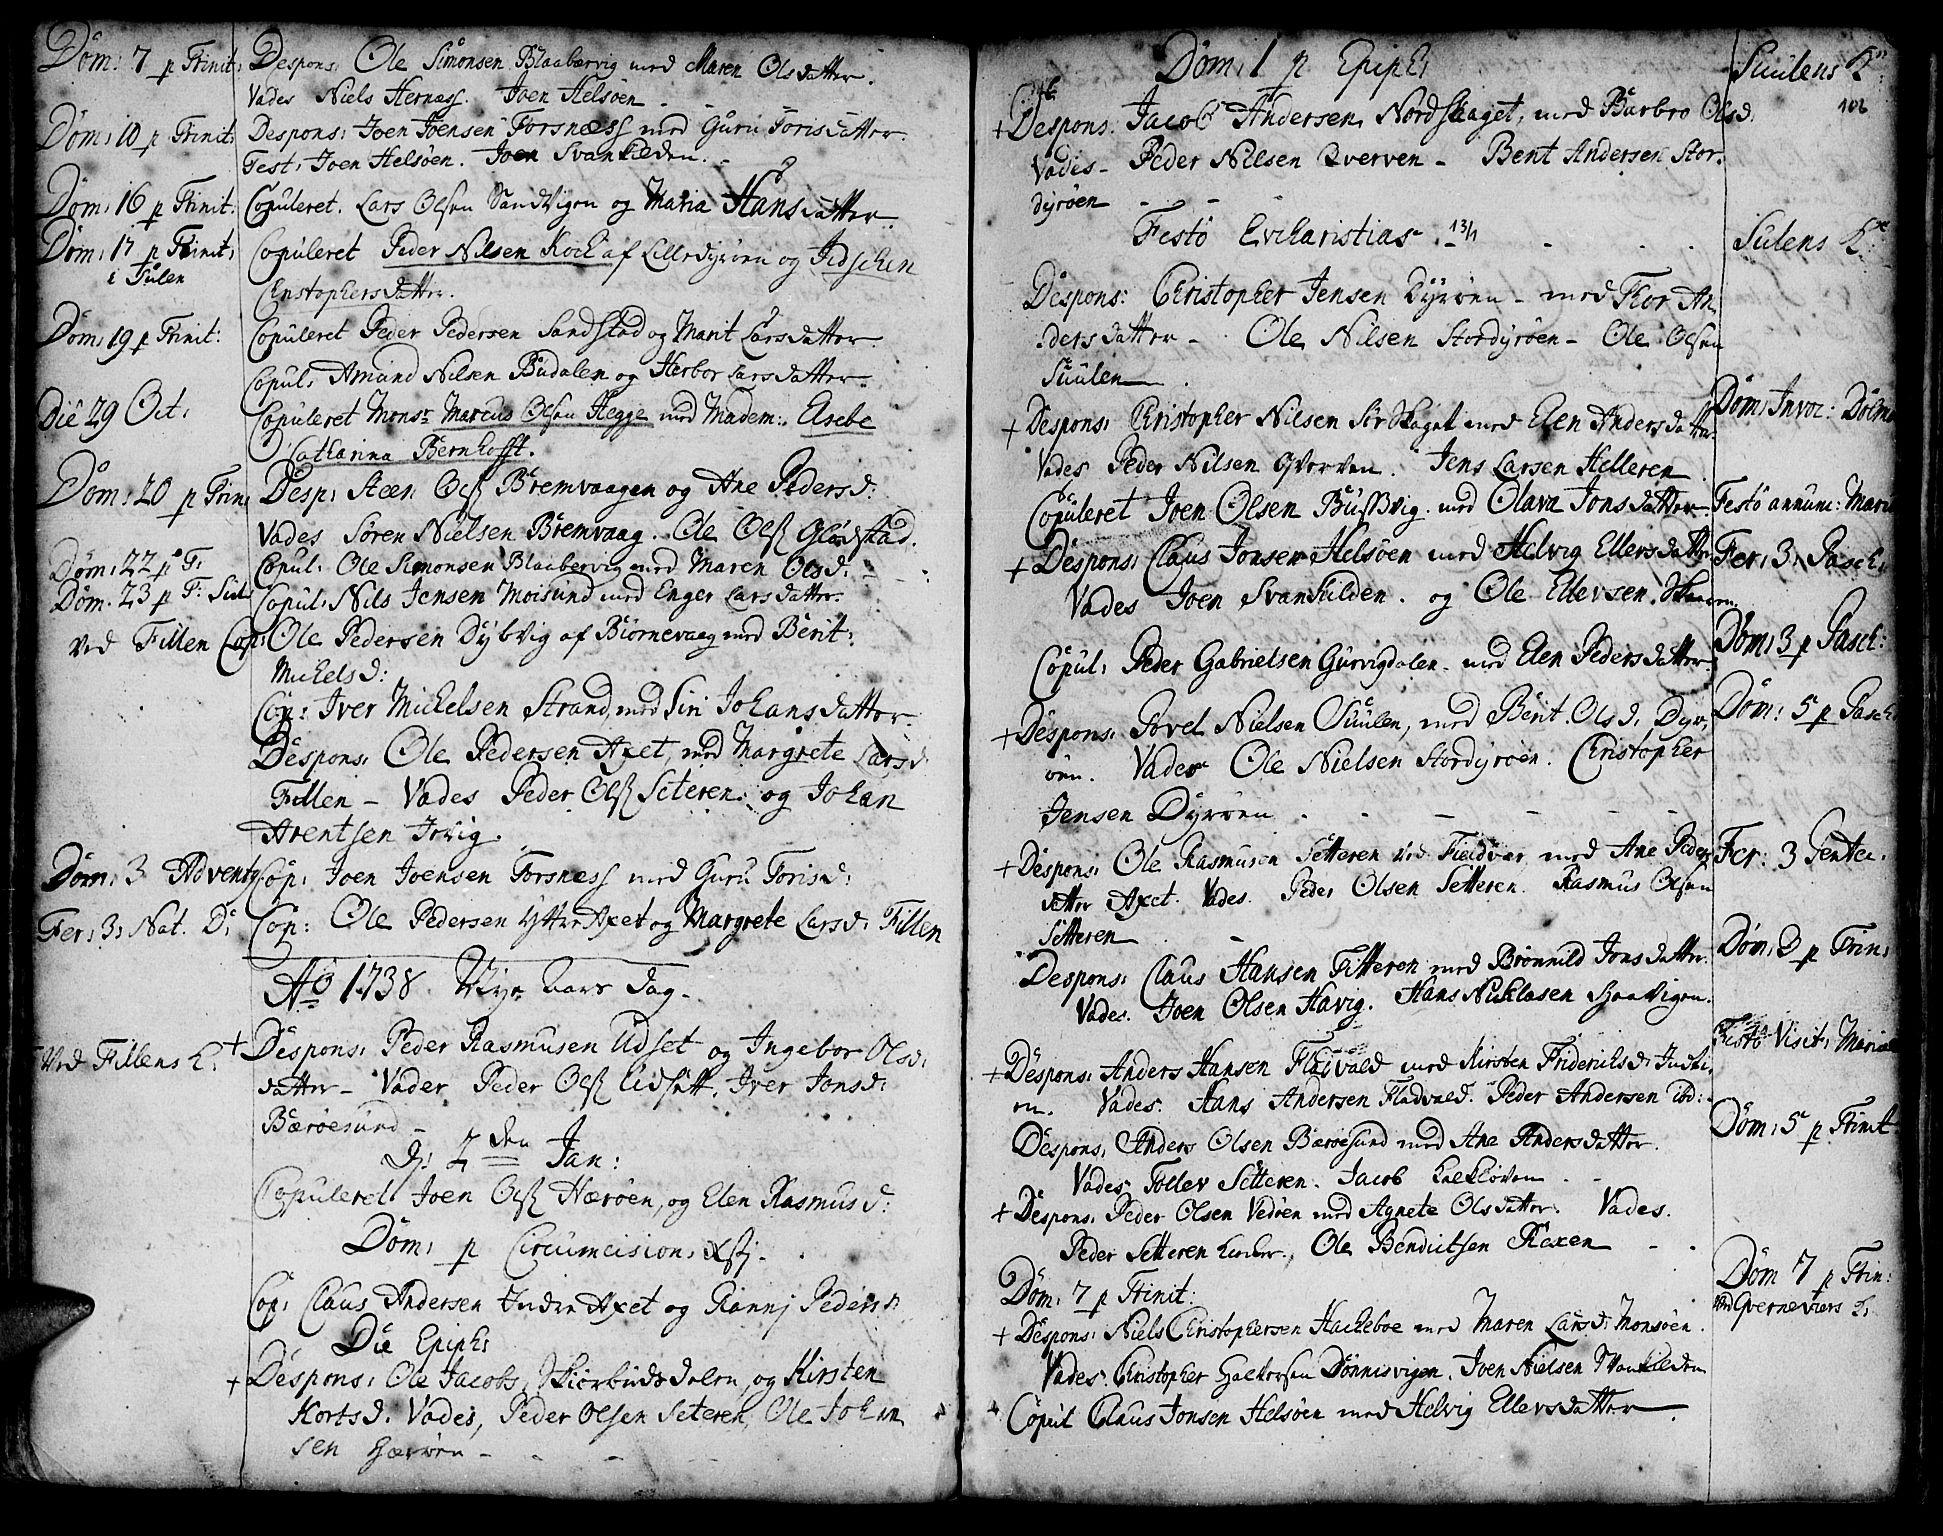 SAT, Ministerialprotokoller, klokkerbøker og fødselsregistre - Sør-Trøndelag, 634/L0525: Ministerialbok nr. 634A01, 1736-1775, s. 106